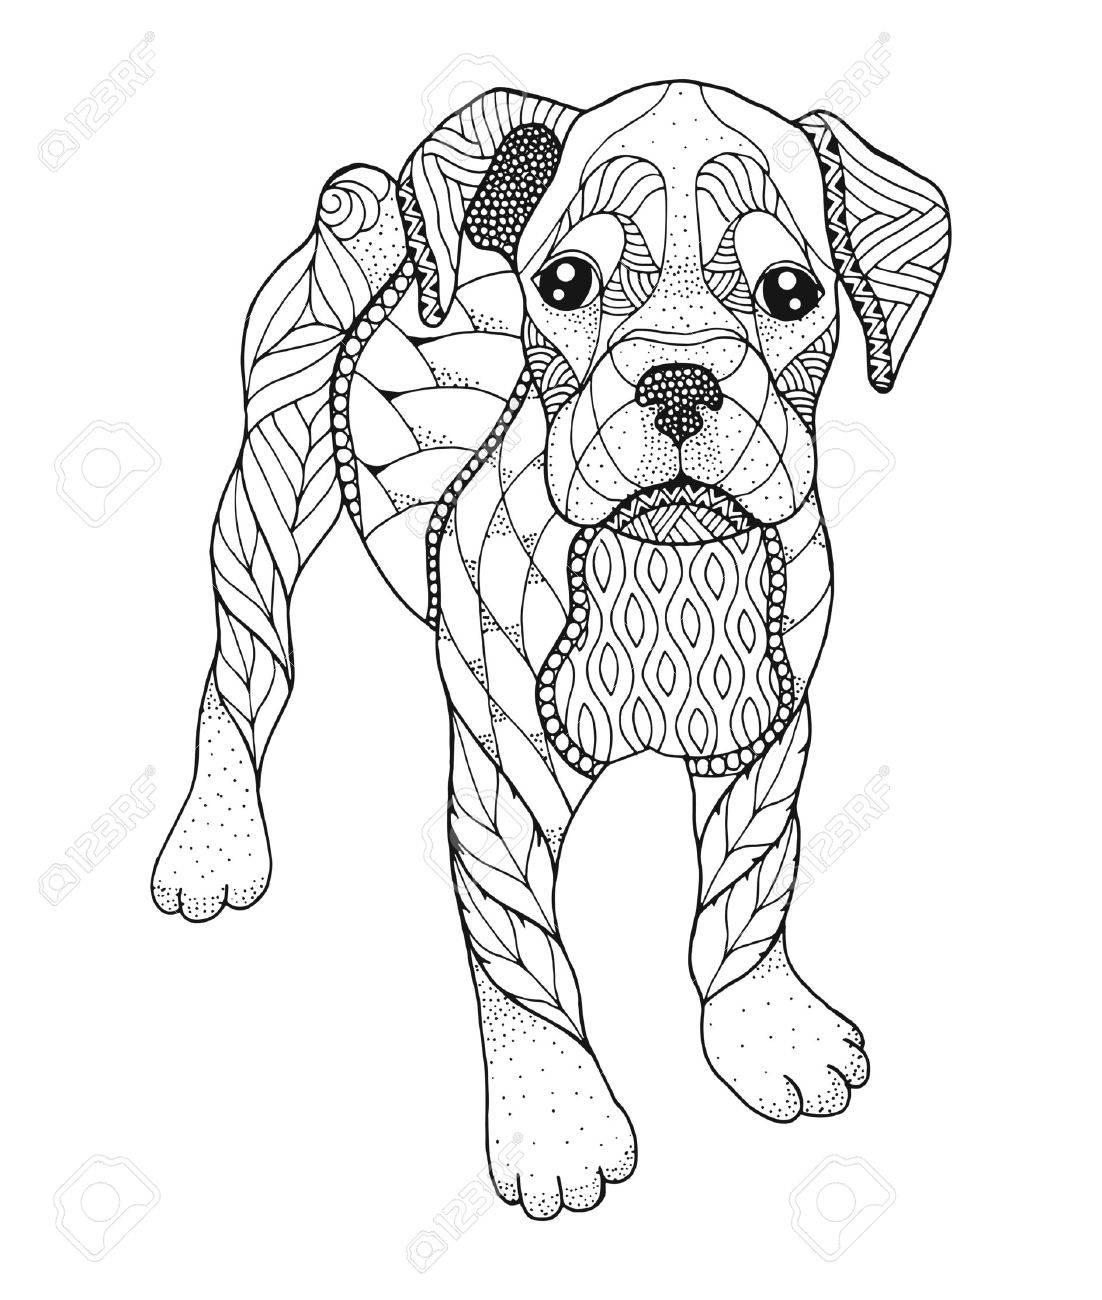 Perro Boxer En Estilo Punteado Ilustración Vectorial Libro Para Colorear Antiestrés Para Adultos Y Niños Imprimir Para Camisetas